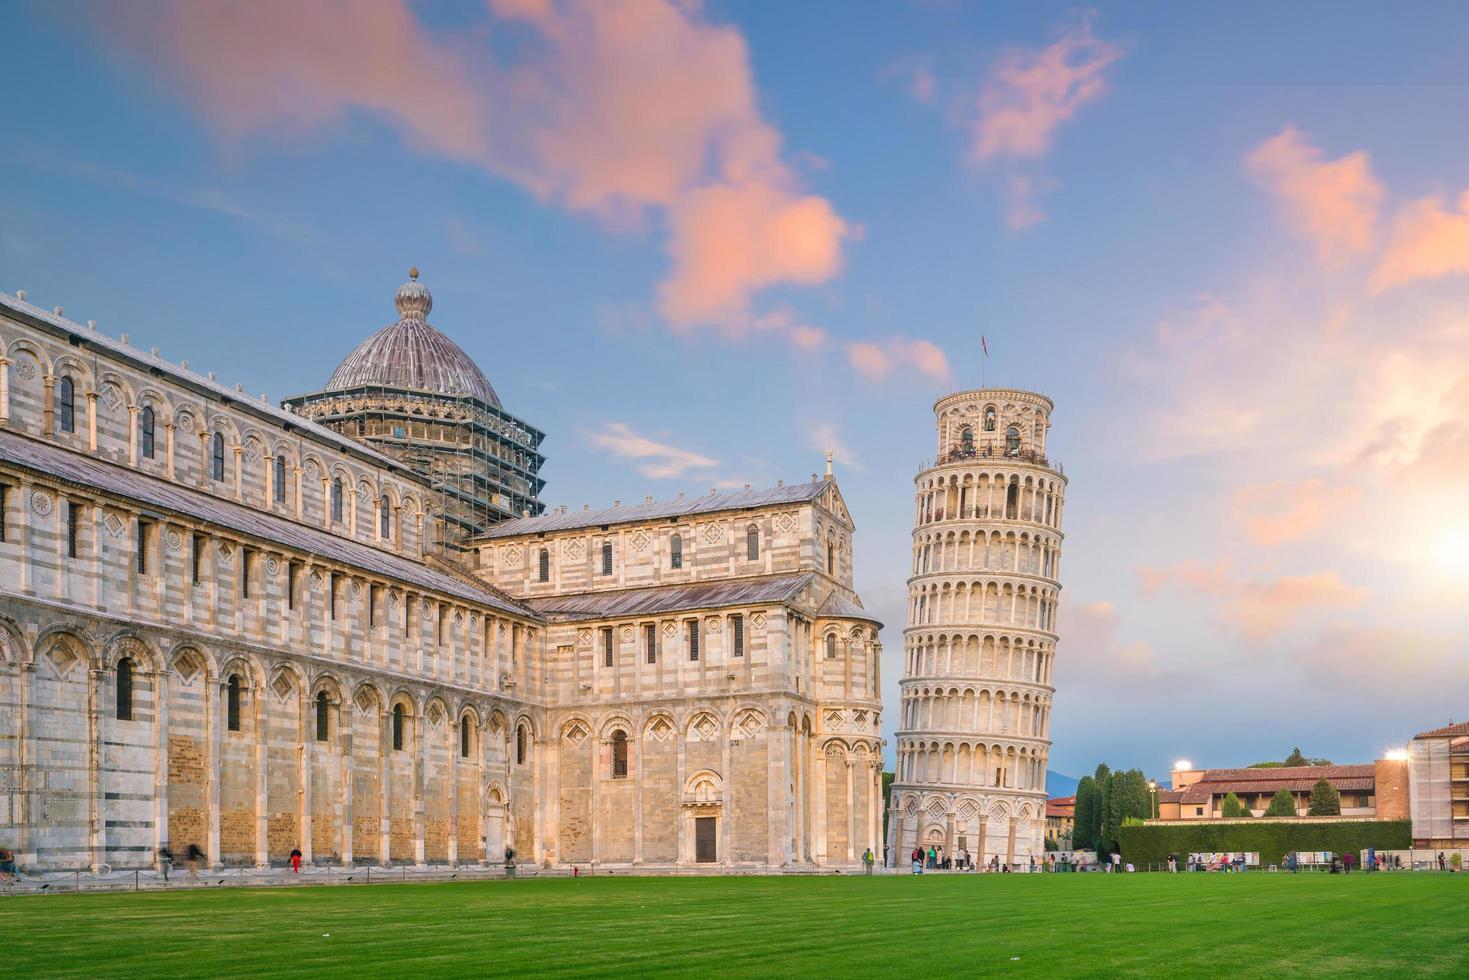 kathedraal van pisa en de scheve toren in pisa. foto